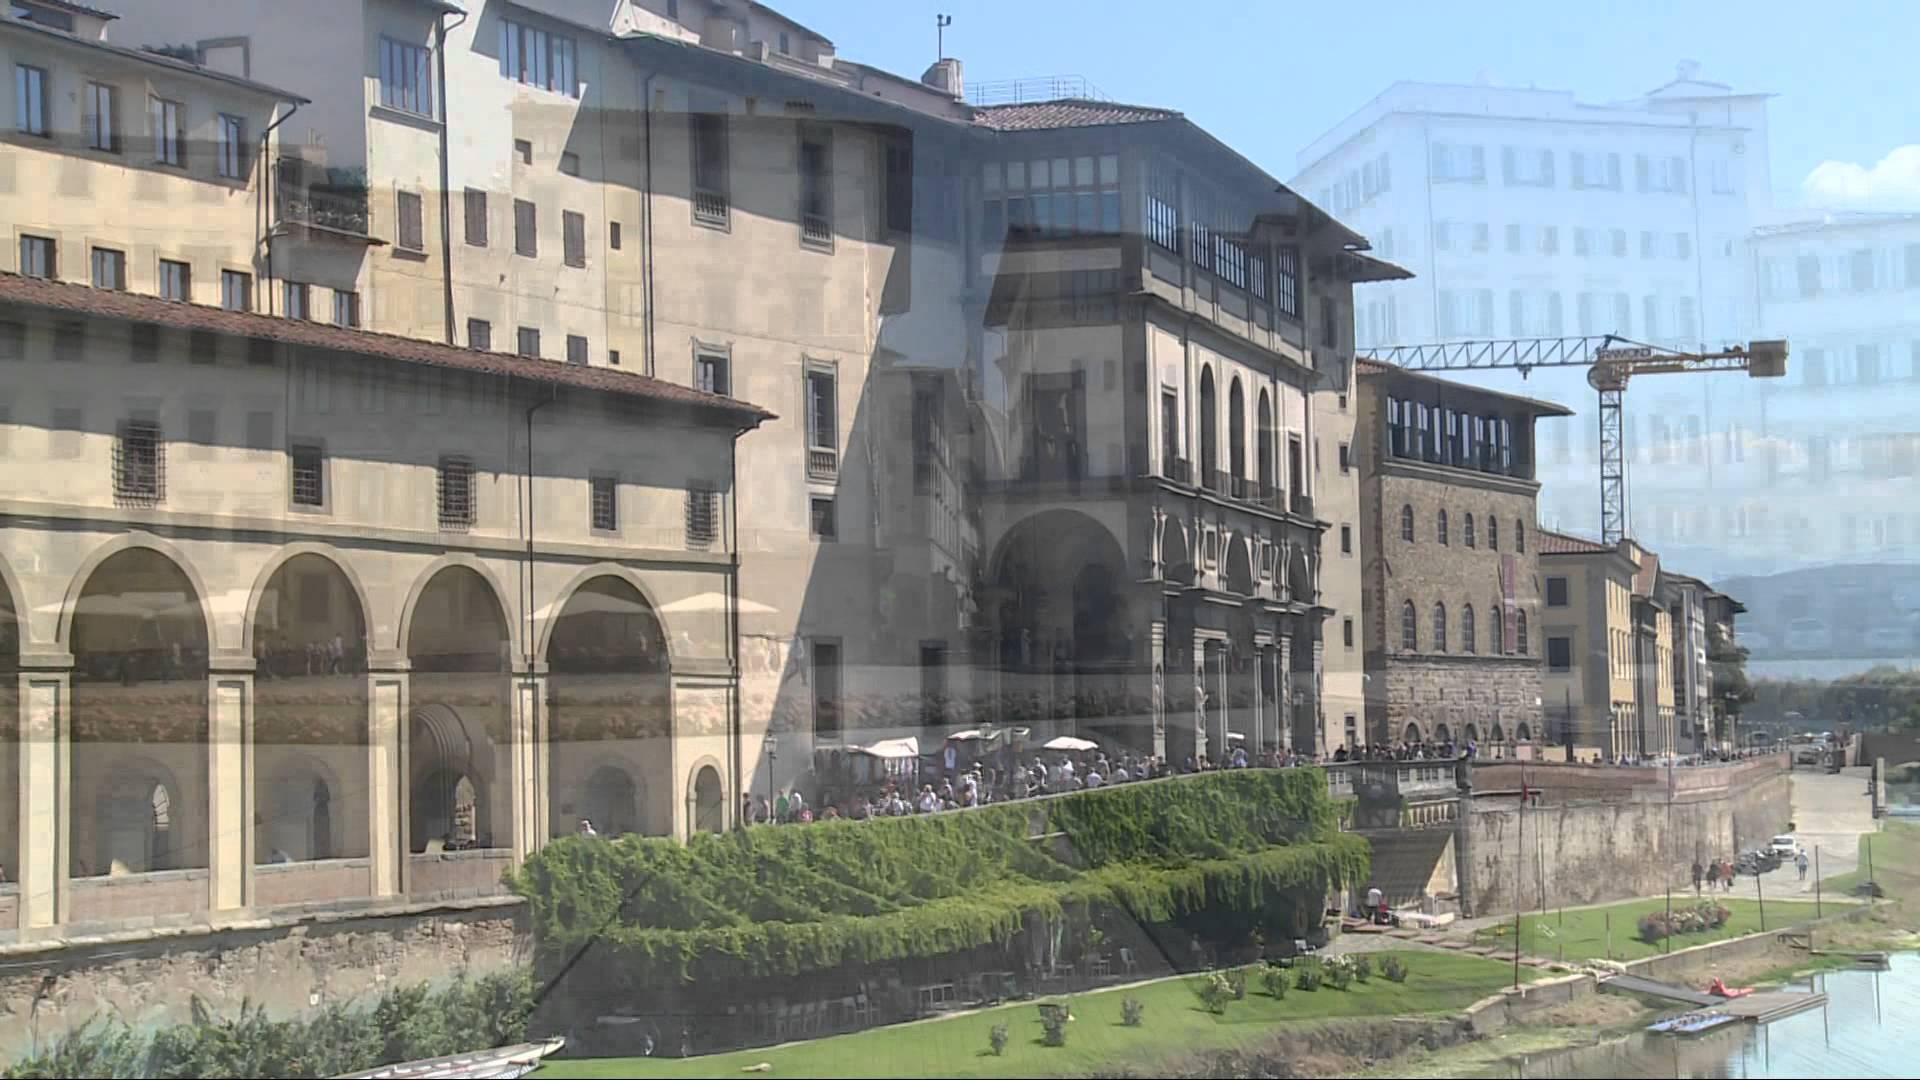 incontri in citta citta Palermo